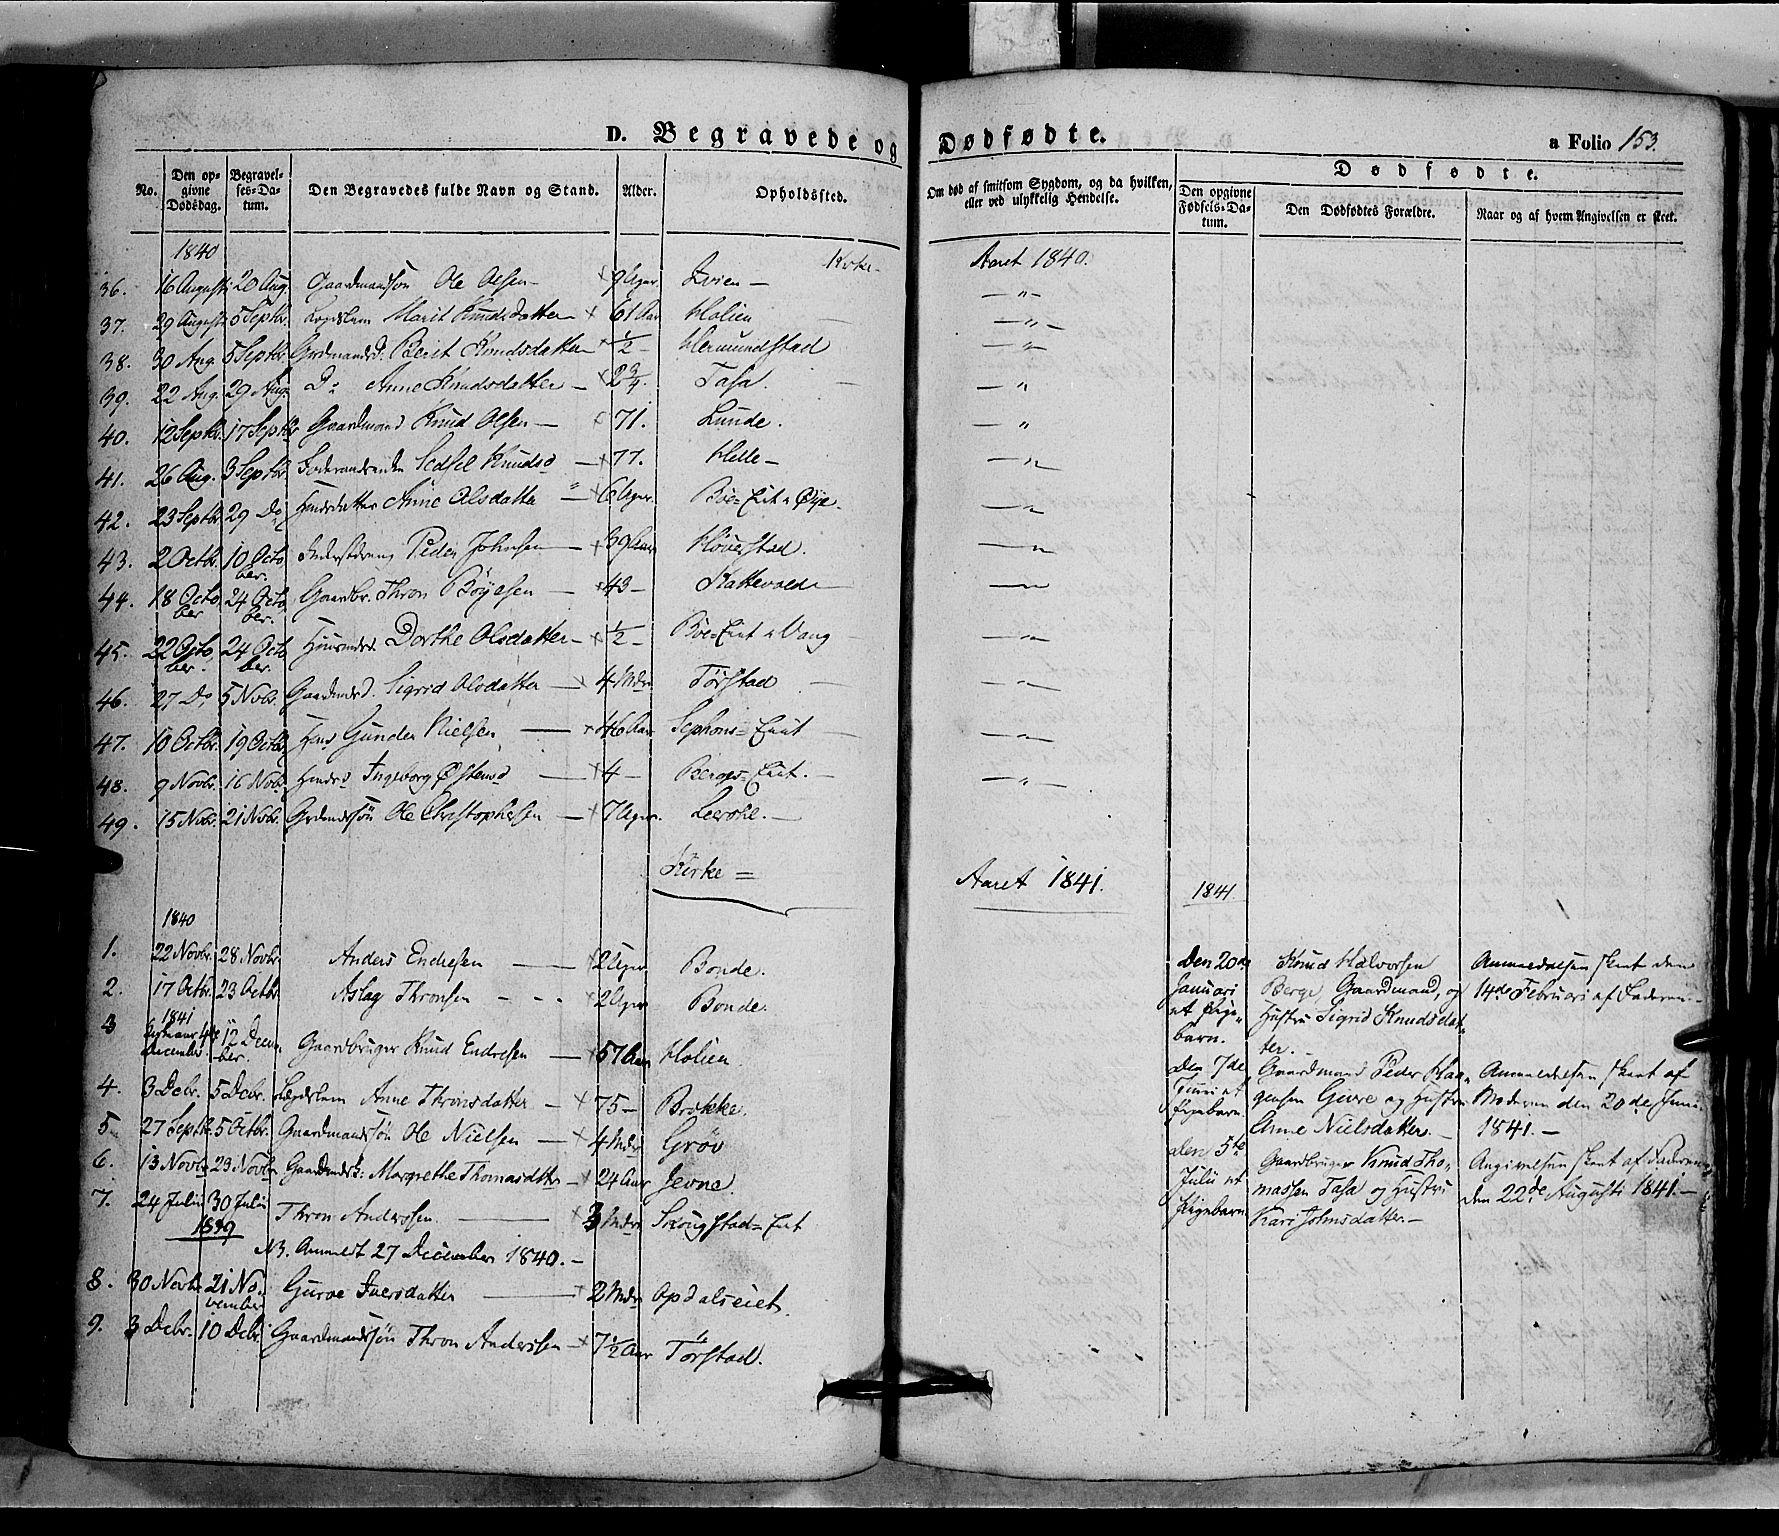 SAH, Vang prestekontor, Valdres, Ministerialbok nr. 5, 1831-1845, s. 153